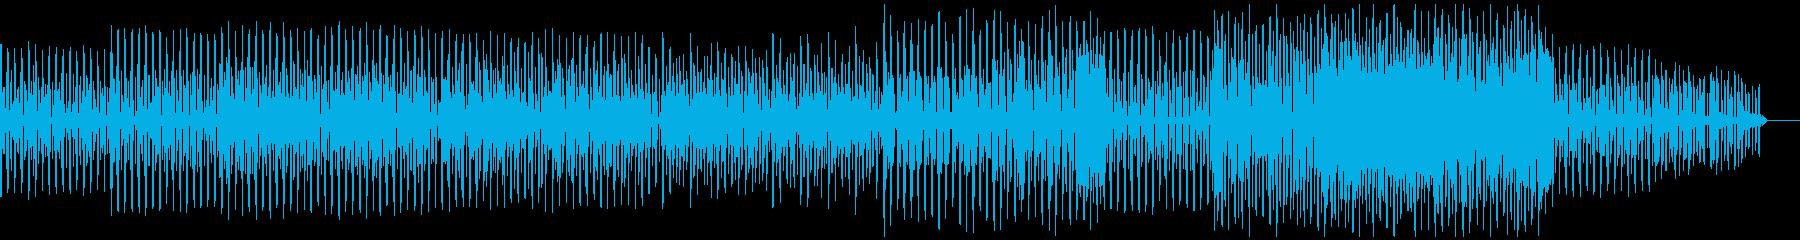 口笛を吹いているような楽しい楽曲の再生済みの波形